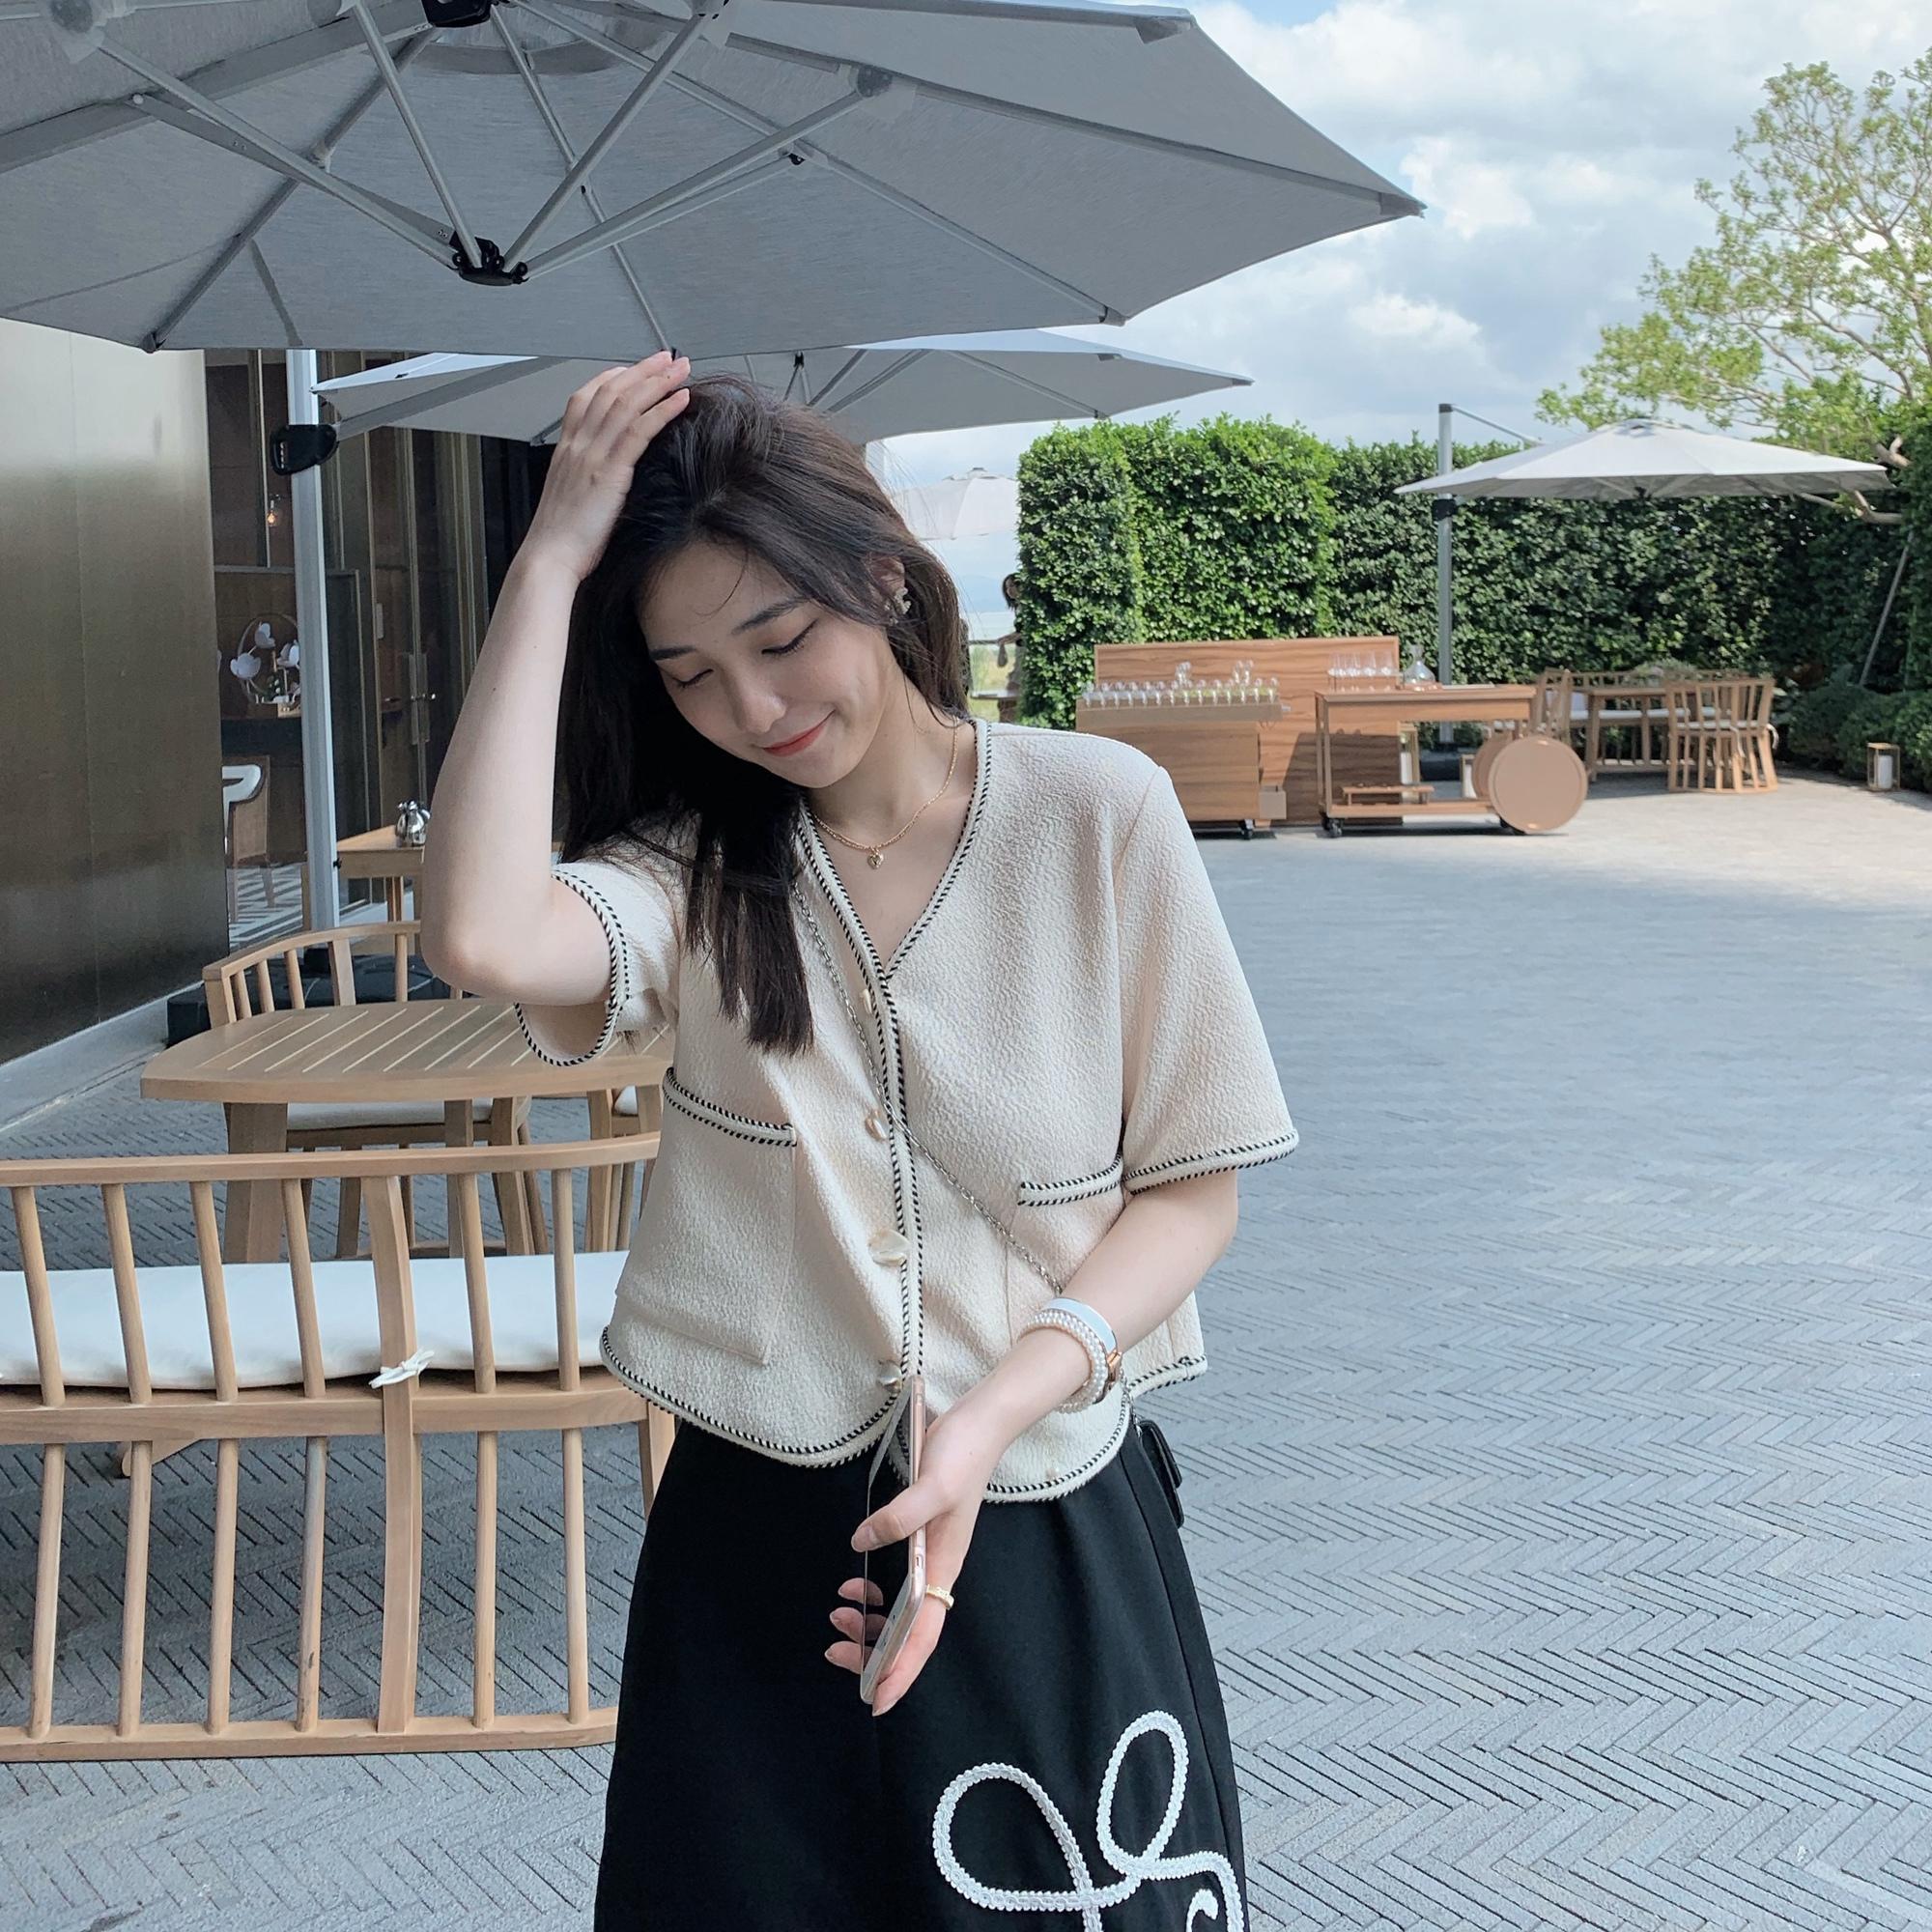 王心慈 名媛开衫小香风 夏季新款简约气质显瘦短款小外套上衣女